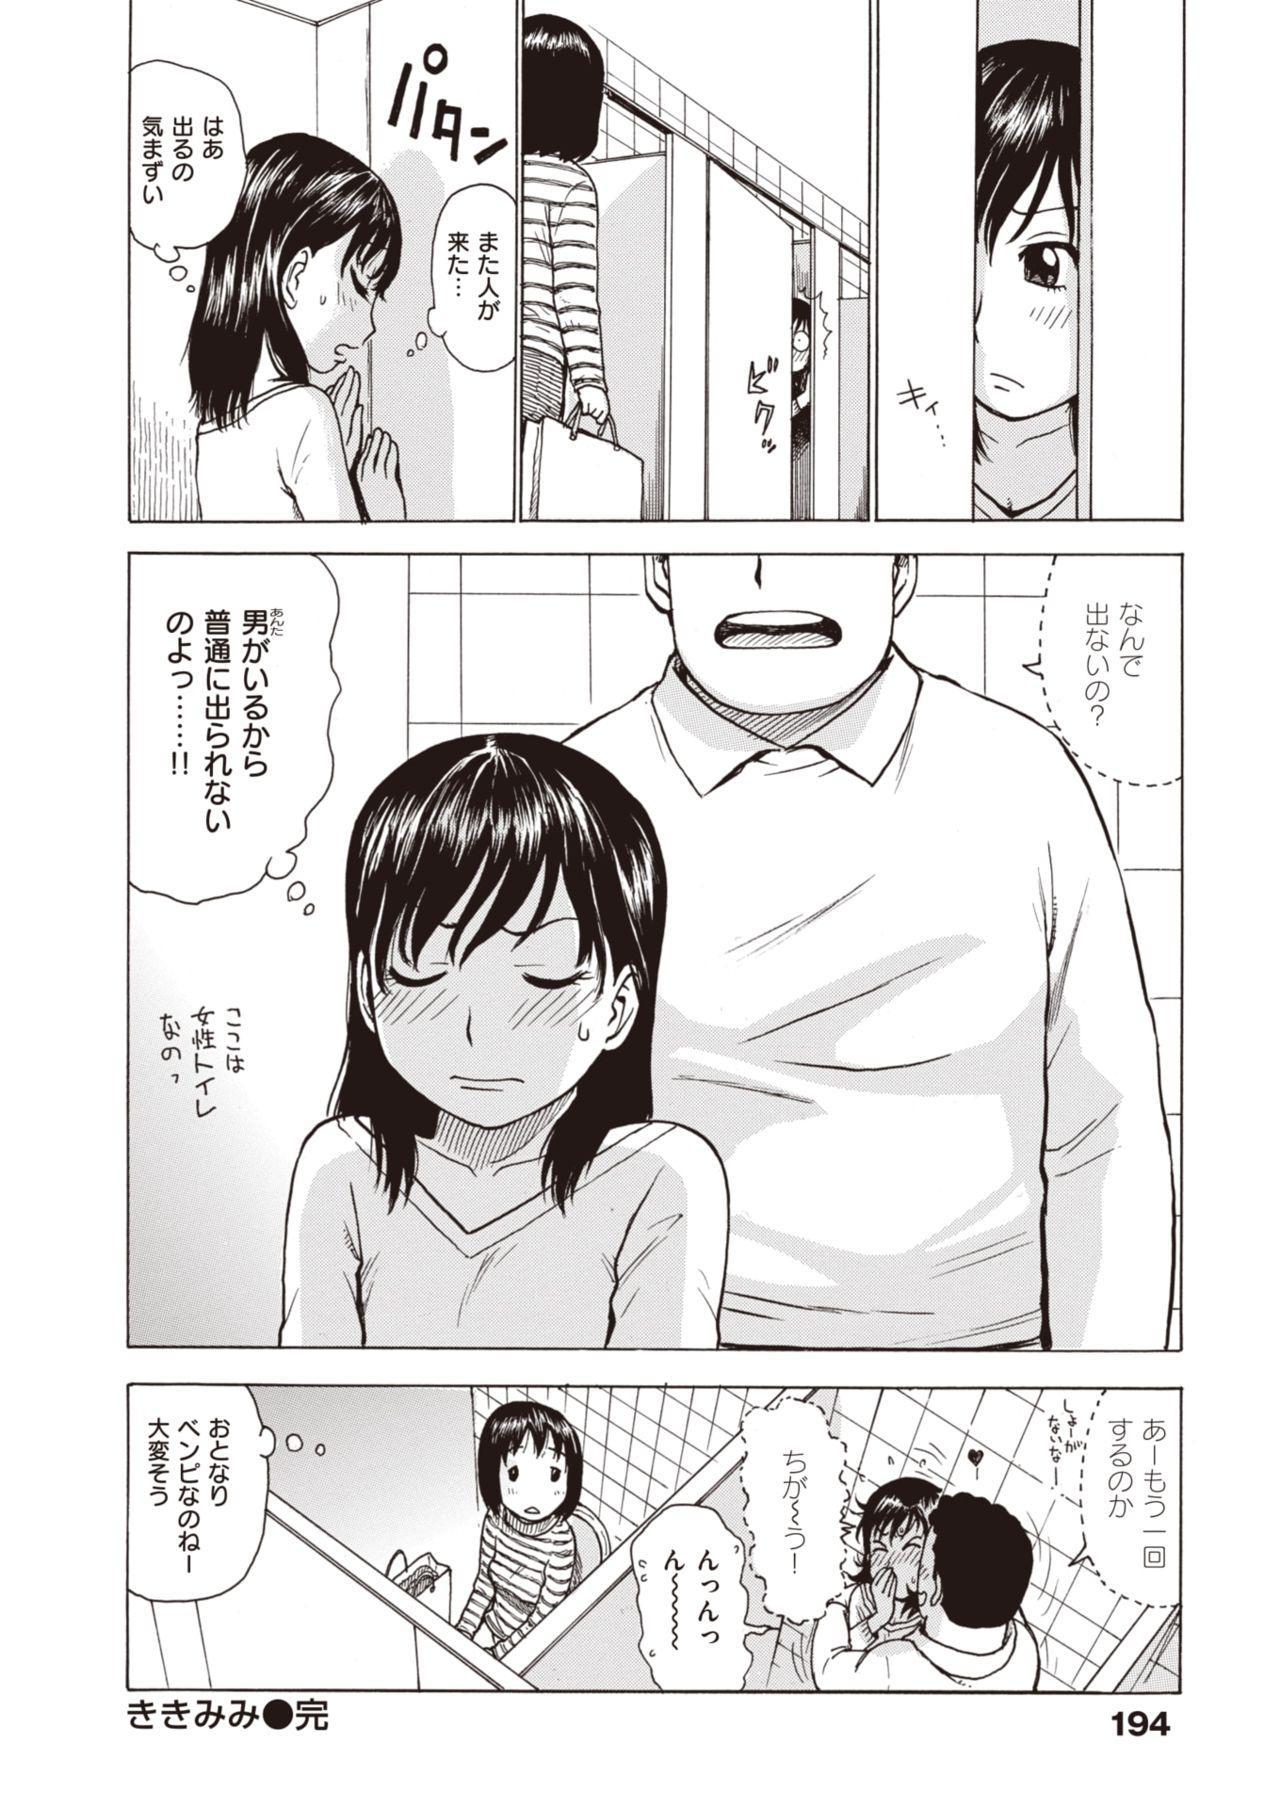 COMIC Kairakuten 25 Shuunen kinen tokubetsugou 194